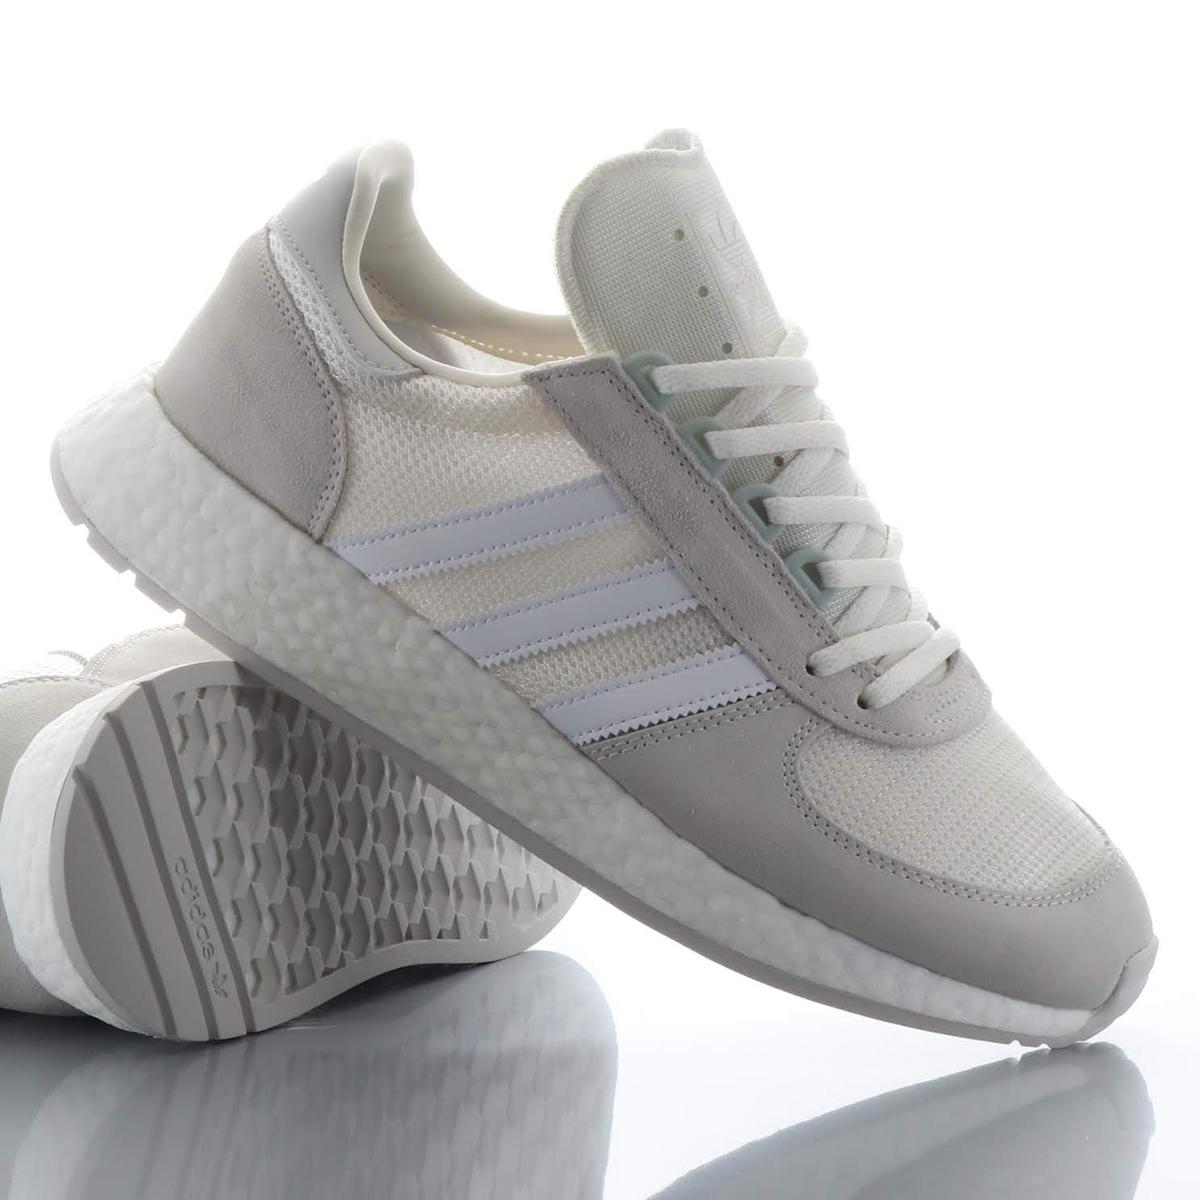 adidas Originals I-5923 x MARATHON TR(アディダスオリジナルス I-5923 × マラソン TR)RUNNING WHITE / CLOUD WHITE / GREY【メンズ レディース スニーカー】18FW-S